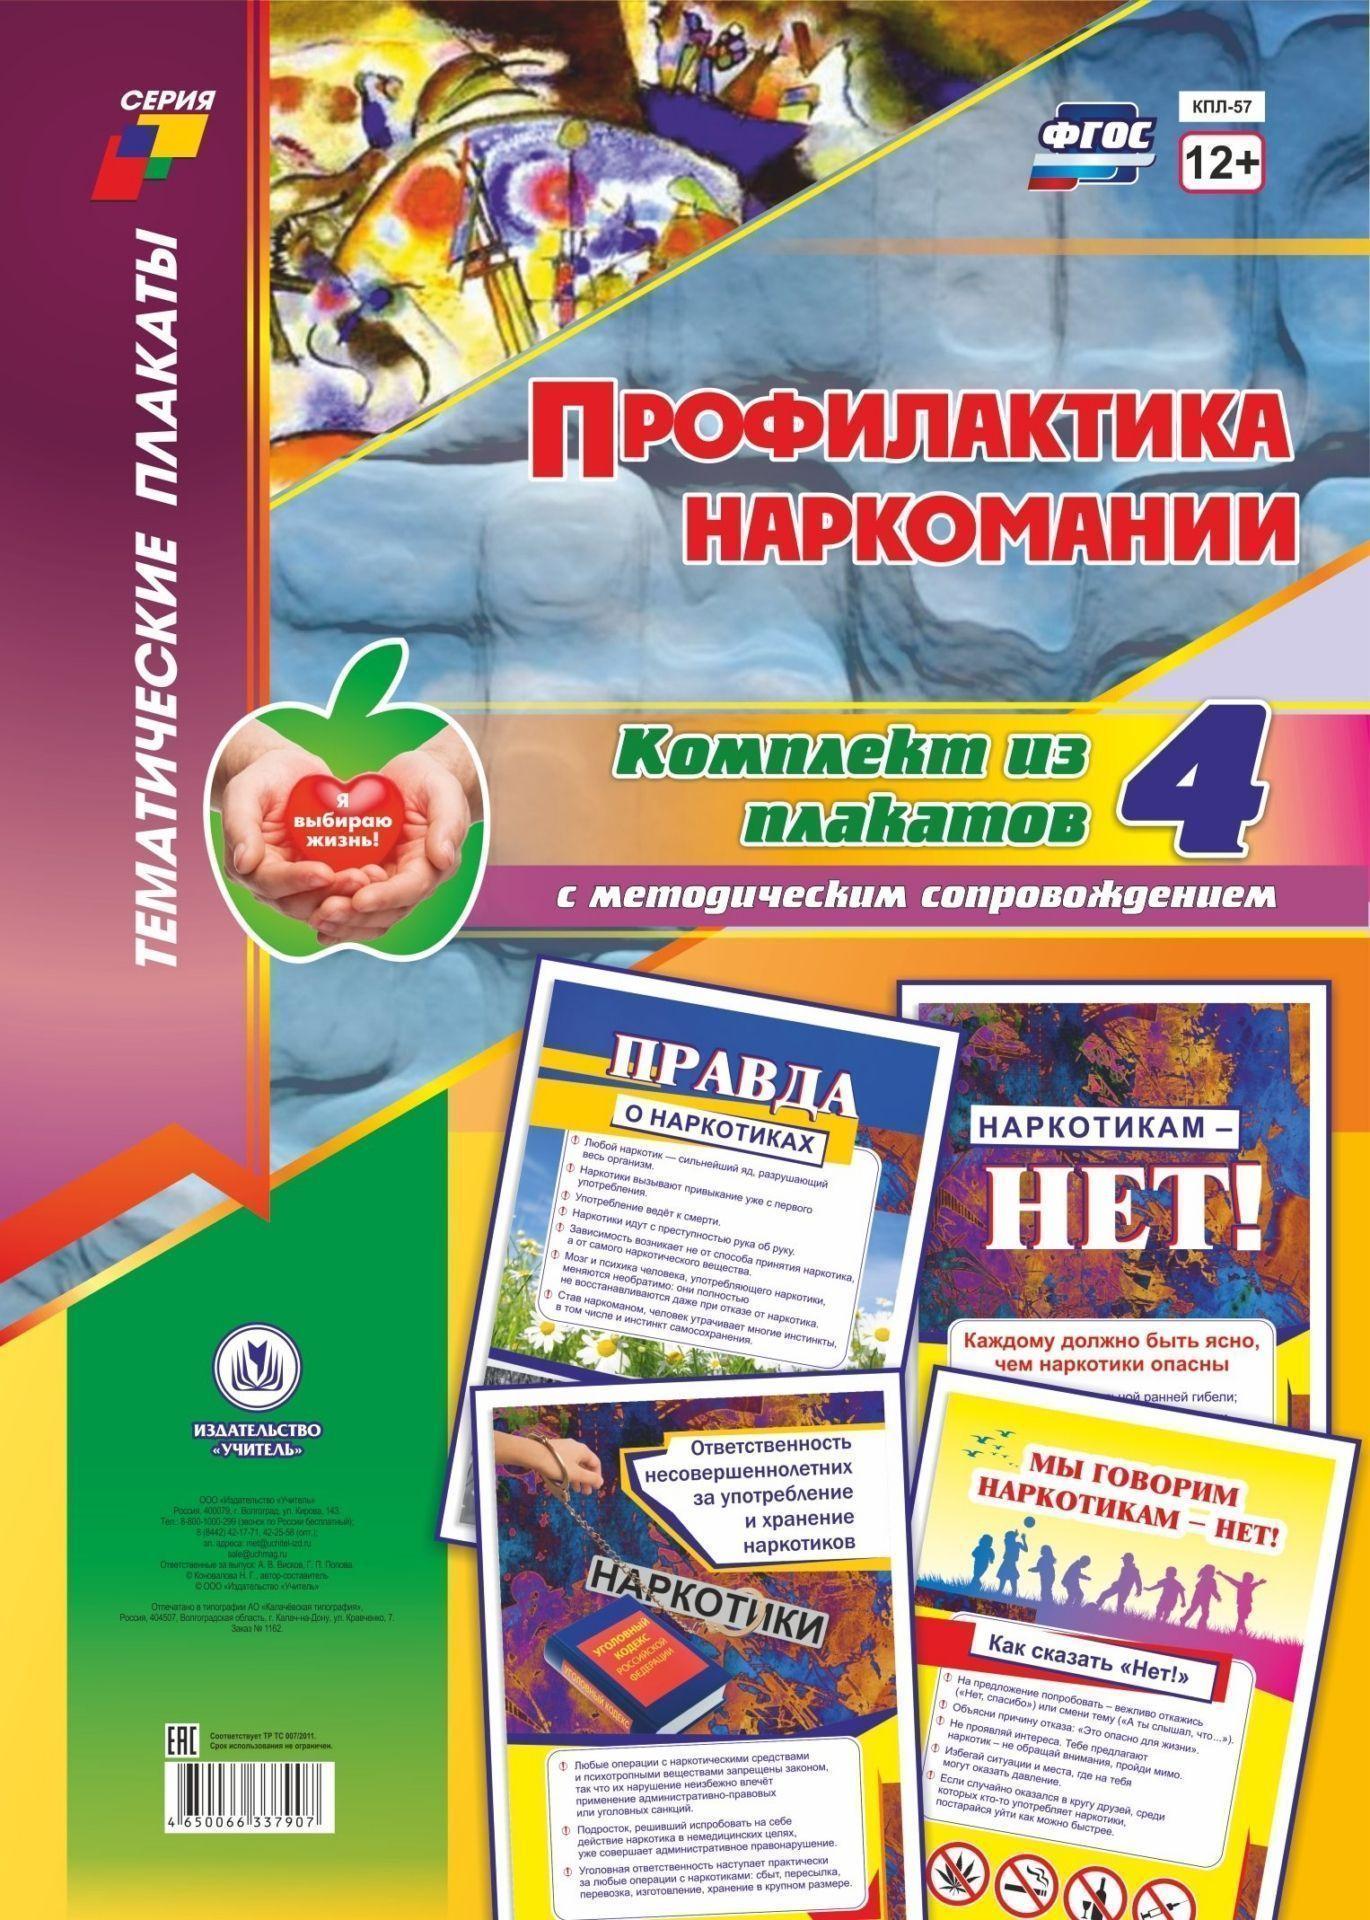 Комплект плакатов Профилактика наркомании: 4 плаката с методическим сопровождениемТематические плакаты<br>.<br><br>Год: 2017<br>Серия: Тематические плакаты<br>Высота: 297<br>Ширина: 420